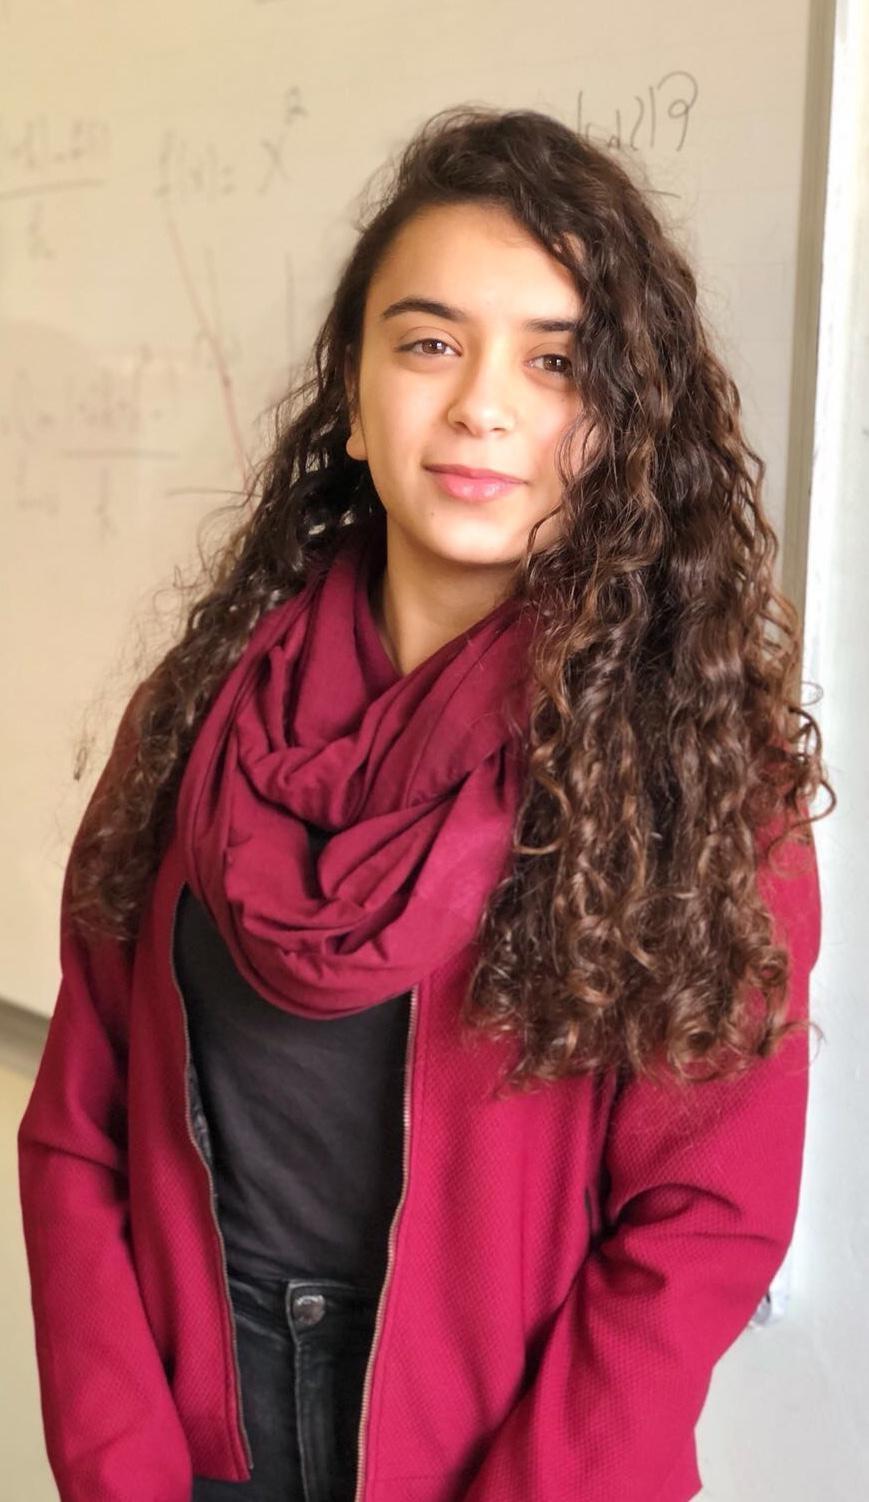 الطالبة نور ابو الهيجاء تساهم في عرض علاج لمرض التصلب المتعدد-1